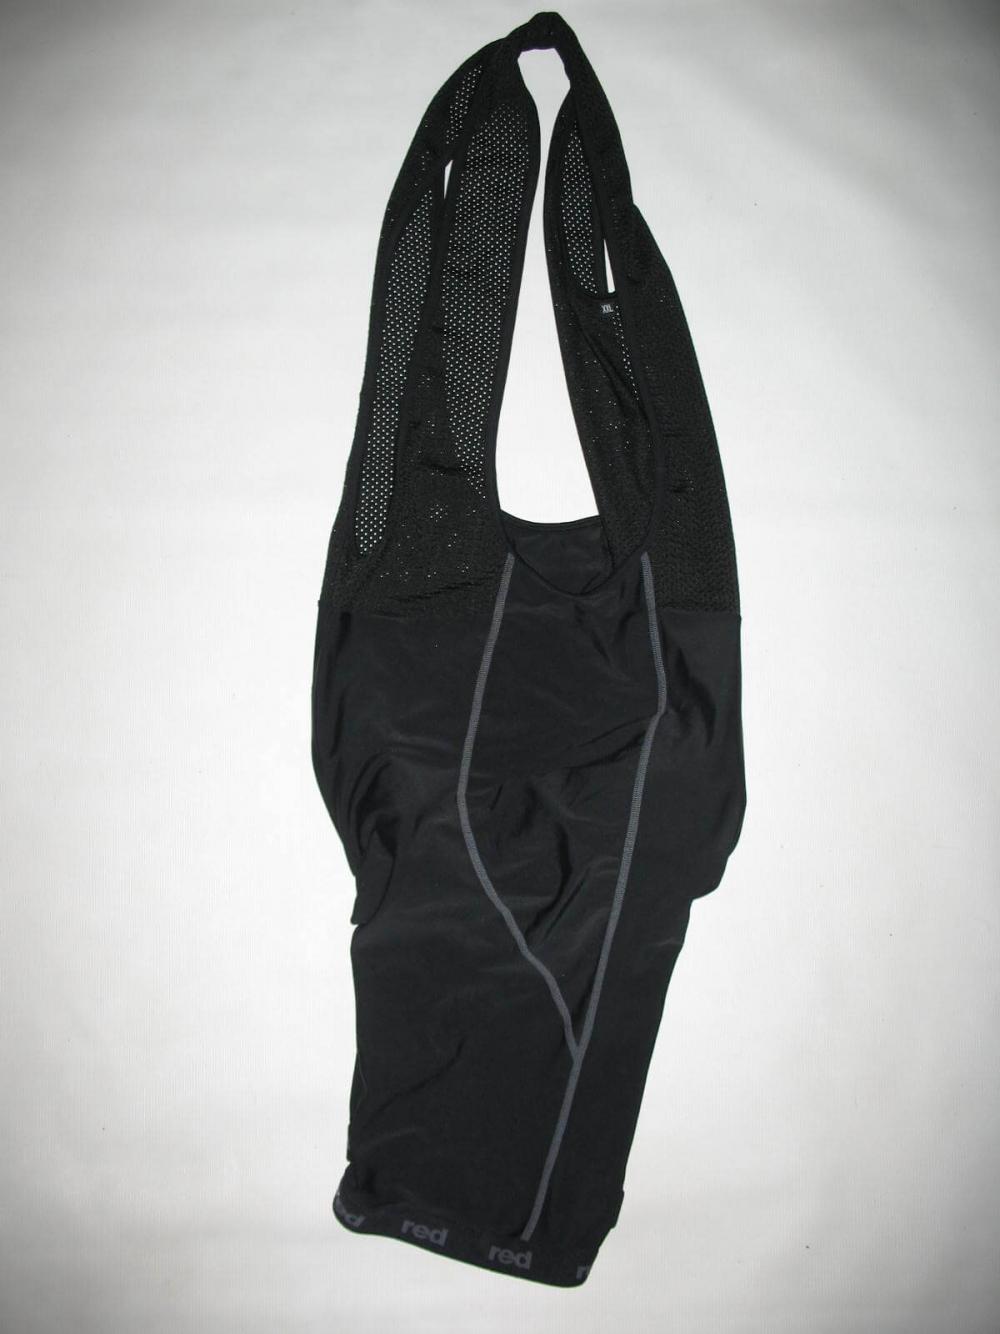 Велотрусы RED bib shorts (размер XXL) - 2